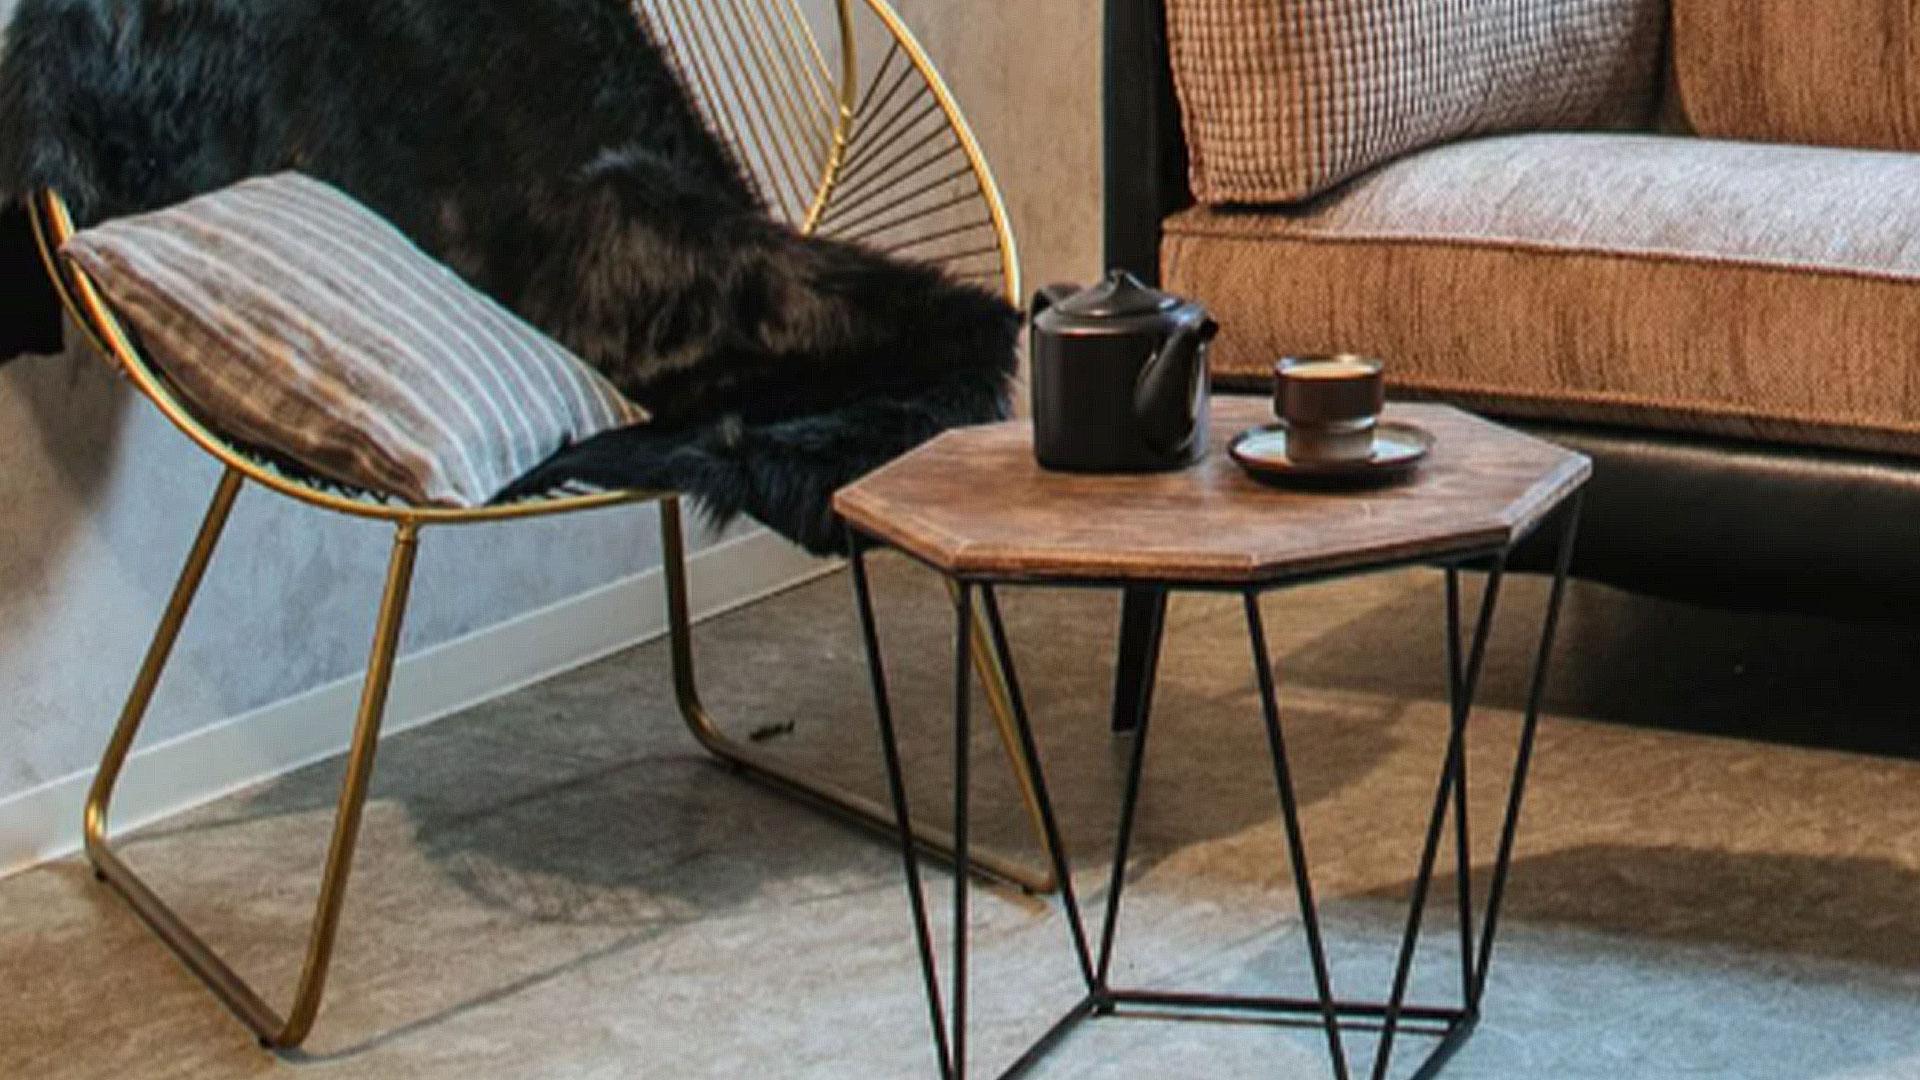 イエノワのアイアンのテーブル